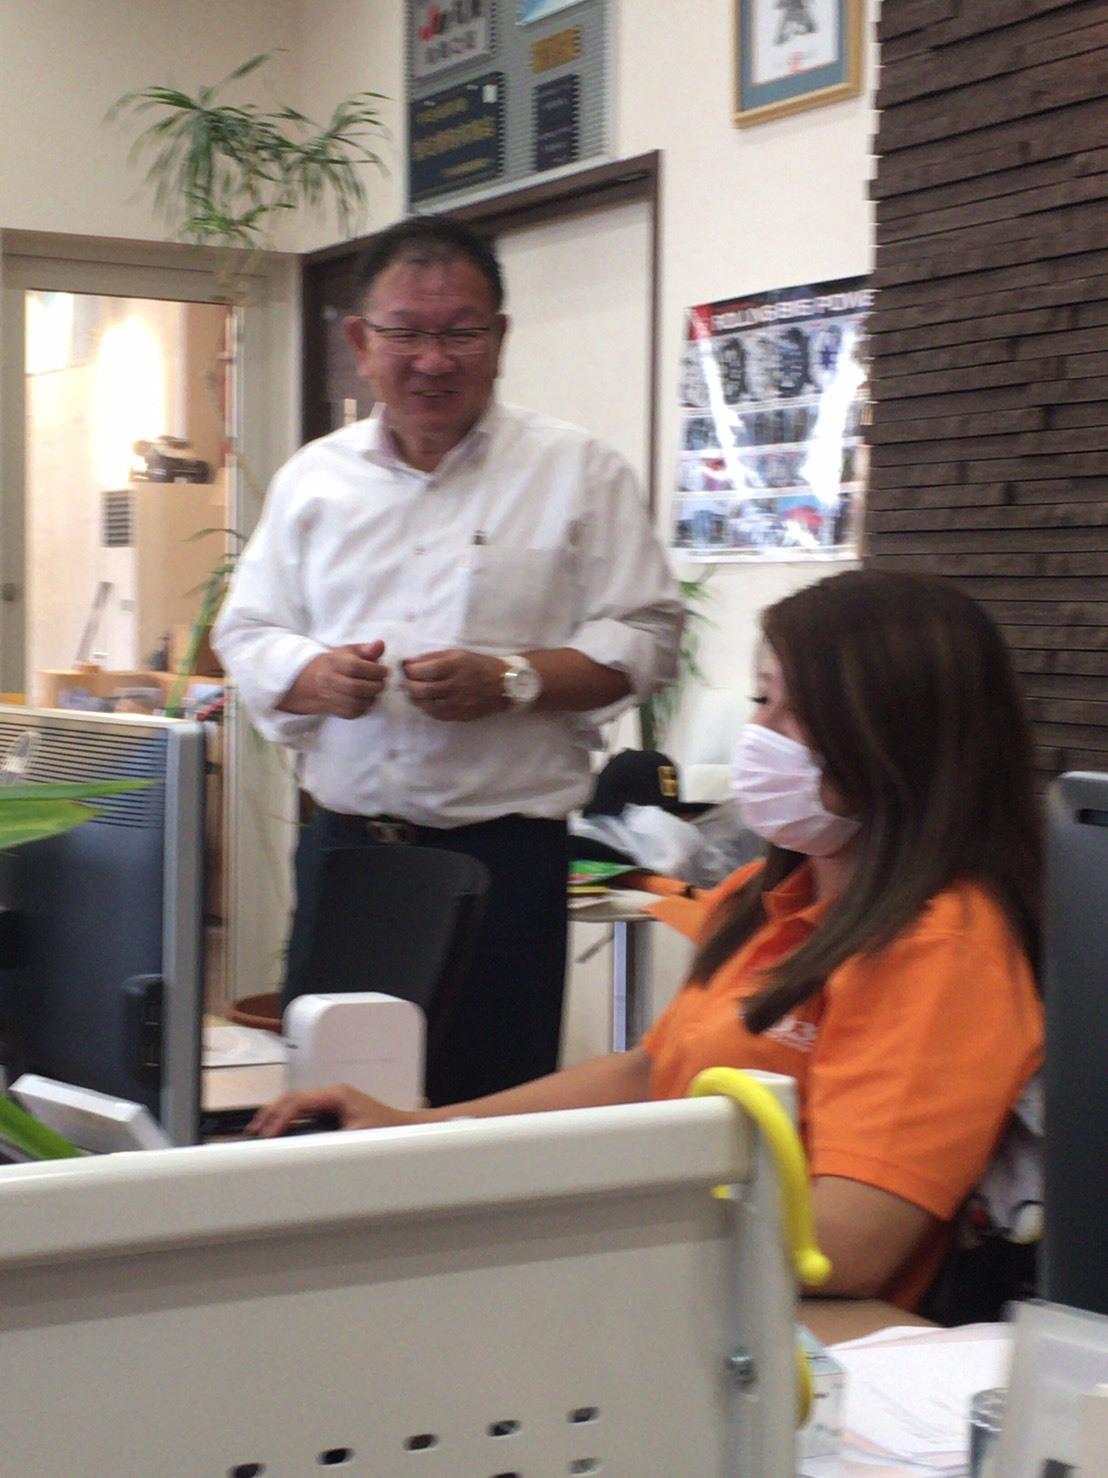 8月31日[土]本店ブログ☆ハマー K様納車!!決算セールやってます✊ランクル ハマー ベンツ♡TOMMY♡_b0127002_19115853.jpg